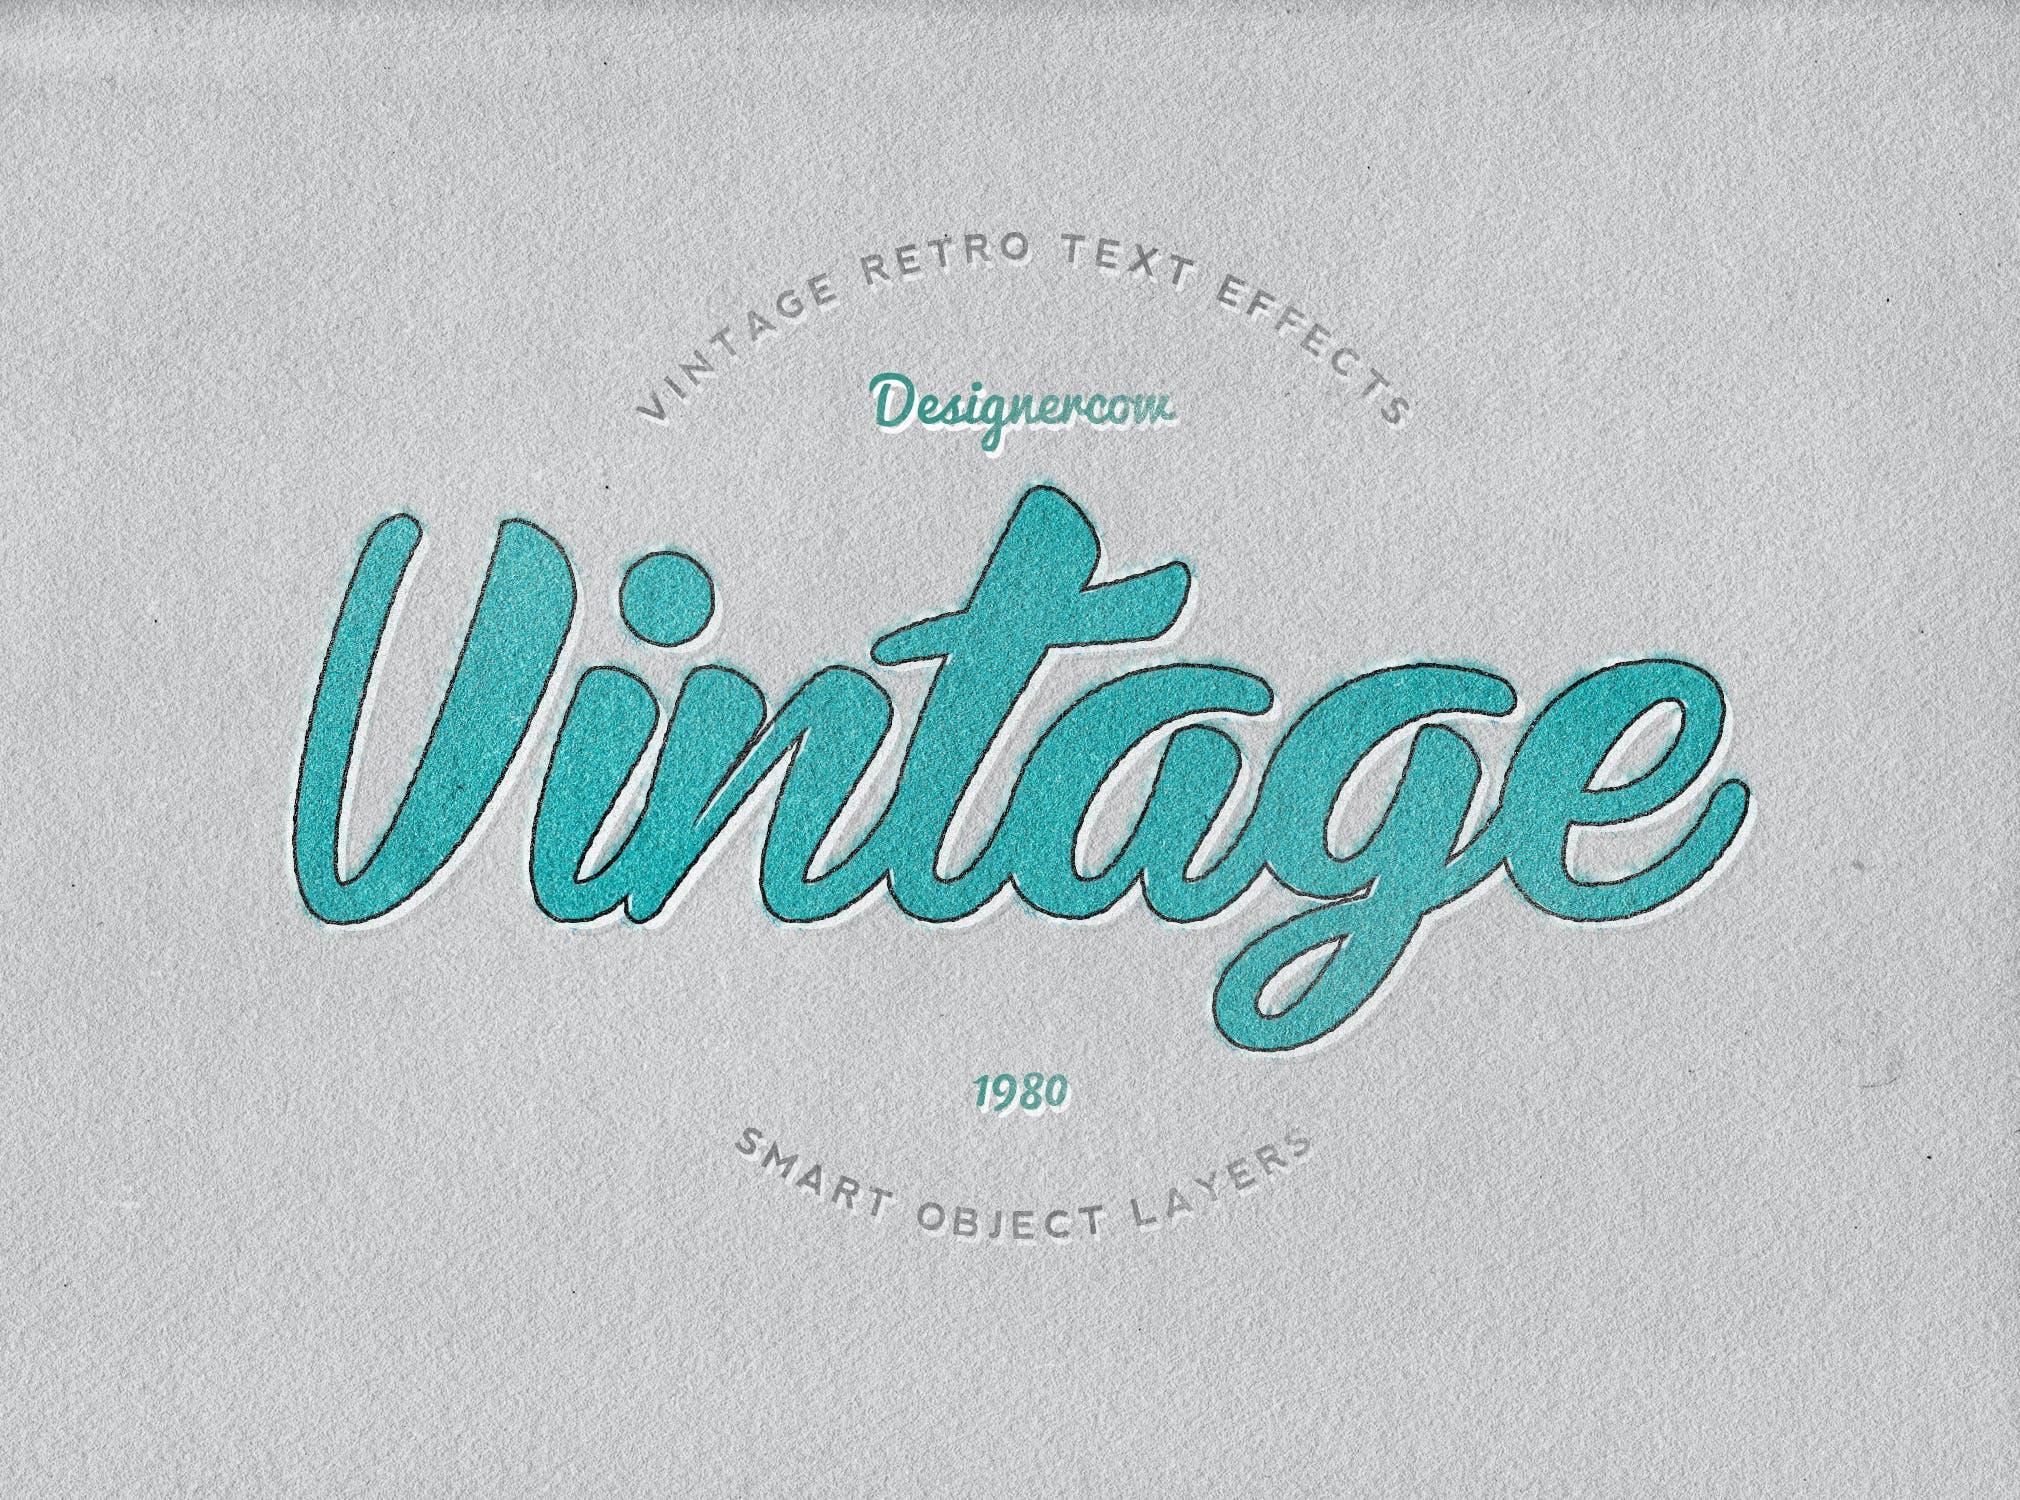 14款老式复古3D立体效果徽标标题字体设计PS样式模板 14 Vintage Retro Text Effects插图(11)